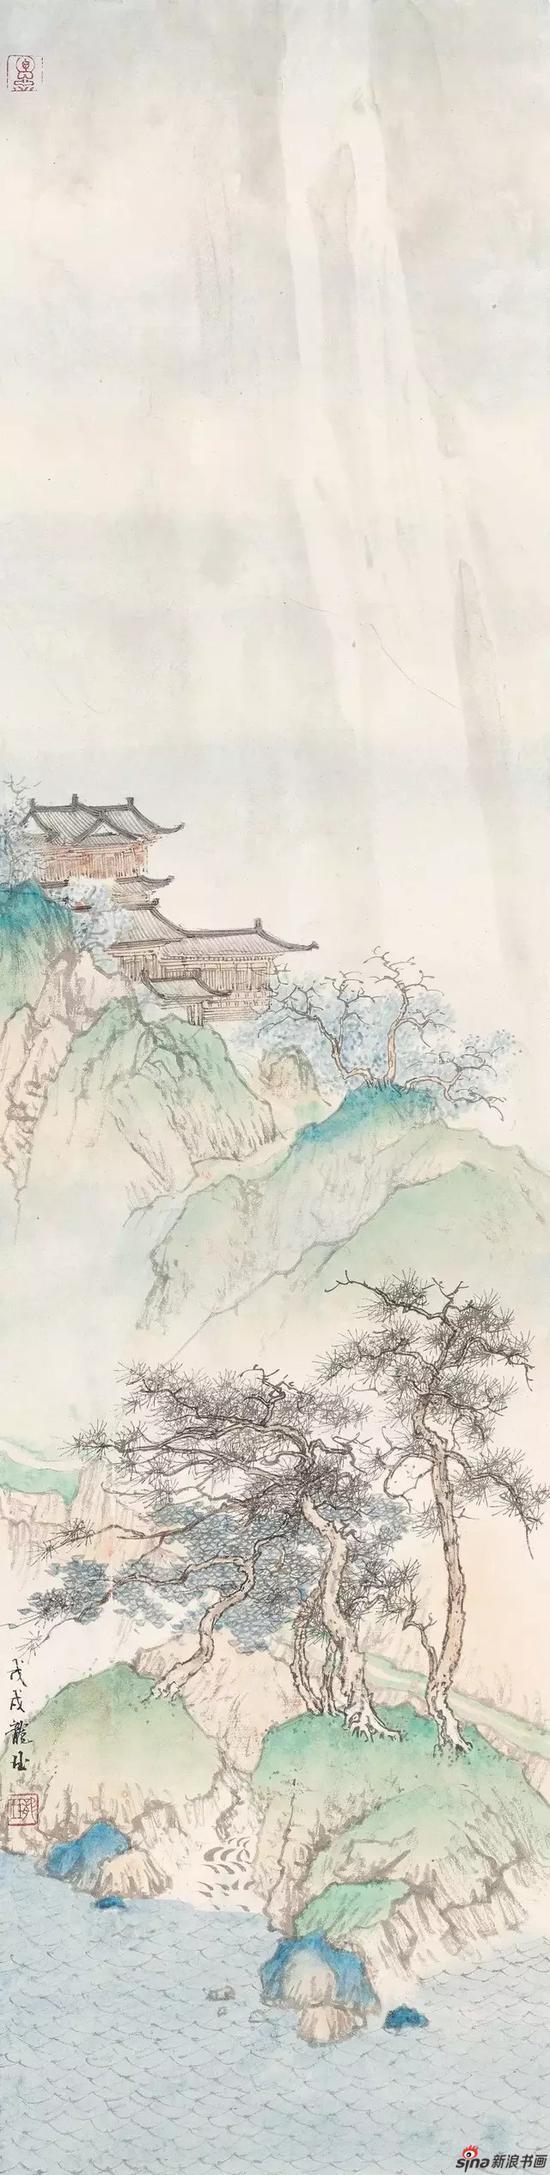 《春江画阁》 纸本设色 93×23cm 2018年